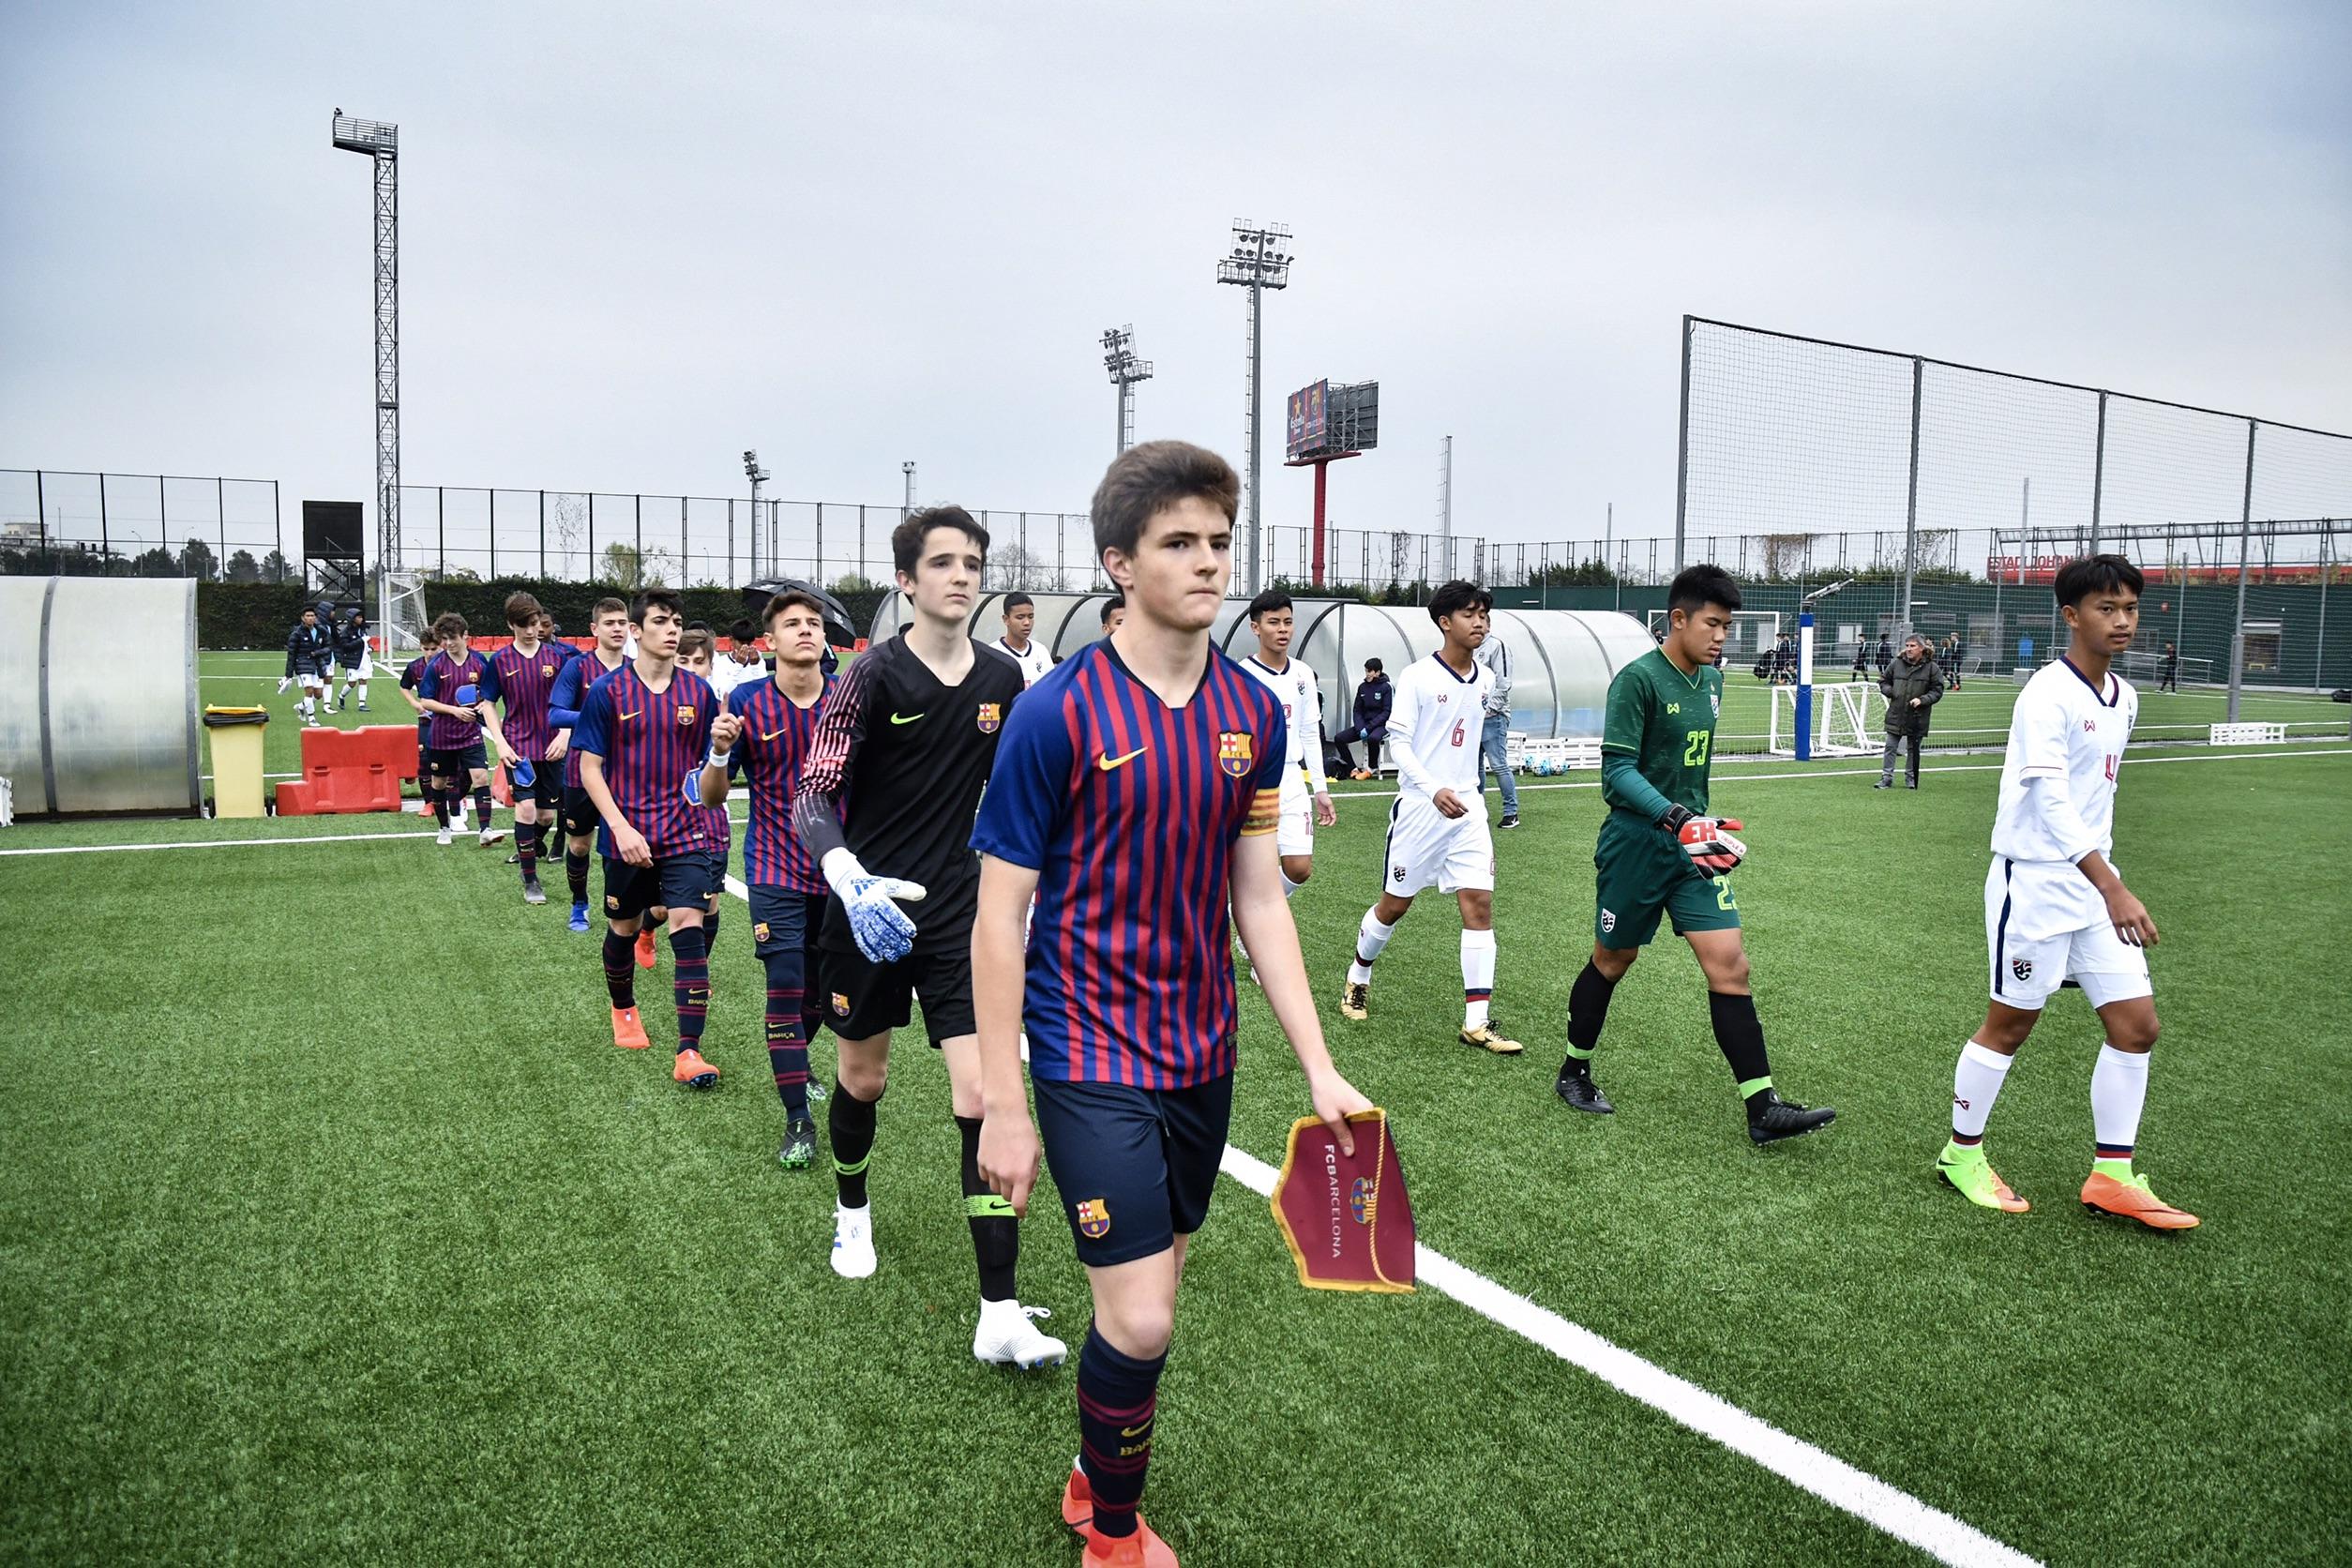 ซัลบาดอร์ บาเลโร่ การ์เซีย ทีมชาติไทย U15 ทีมชาติไทย รุ่นอายุไม่เกิน 16 ปี